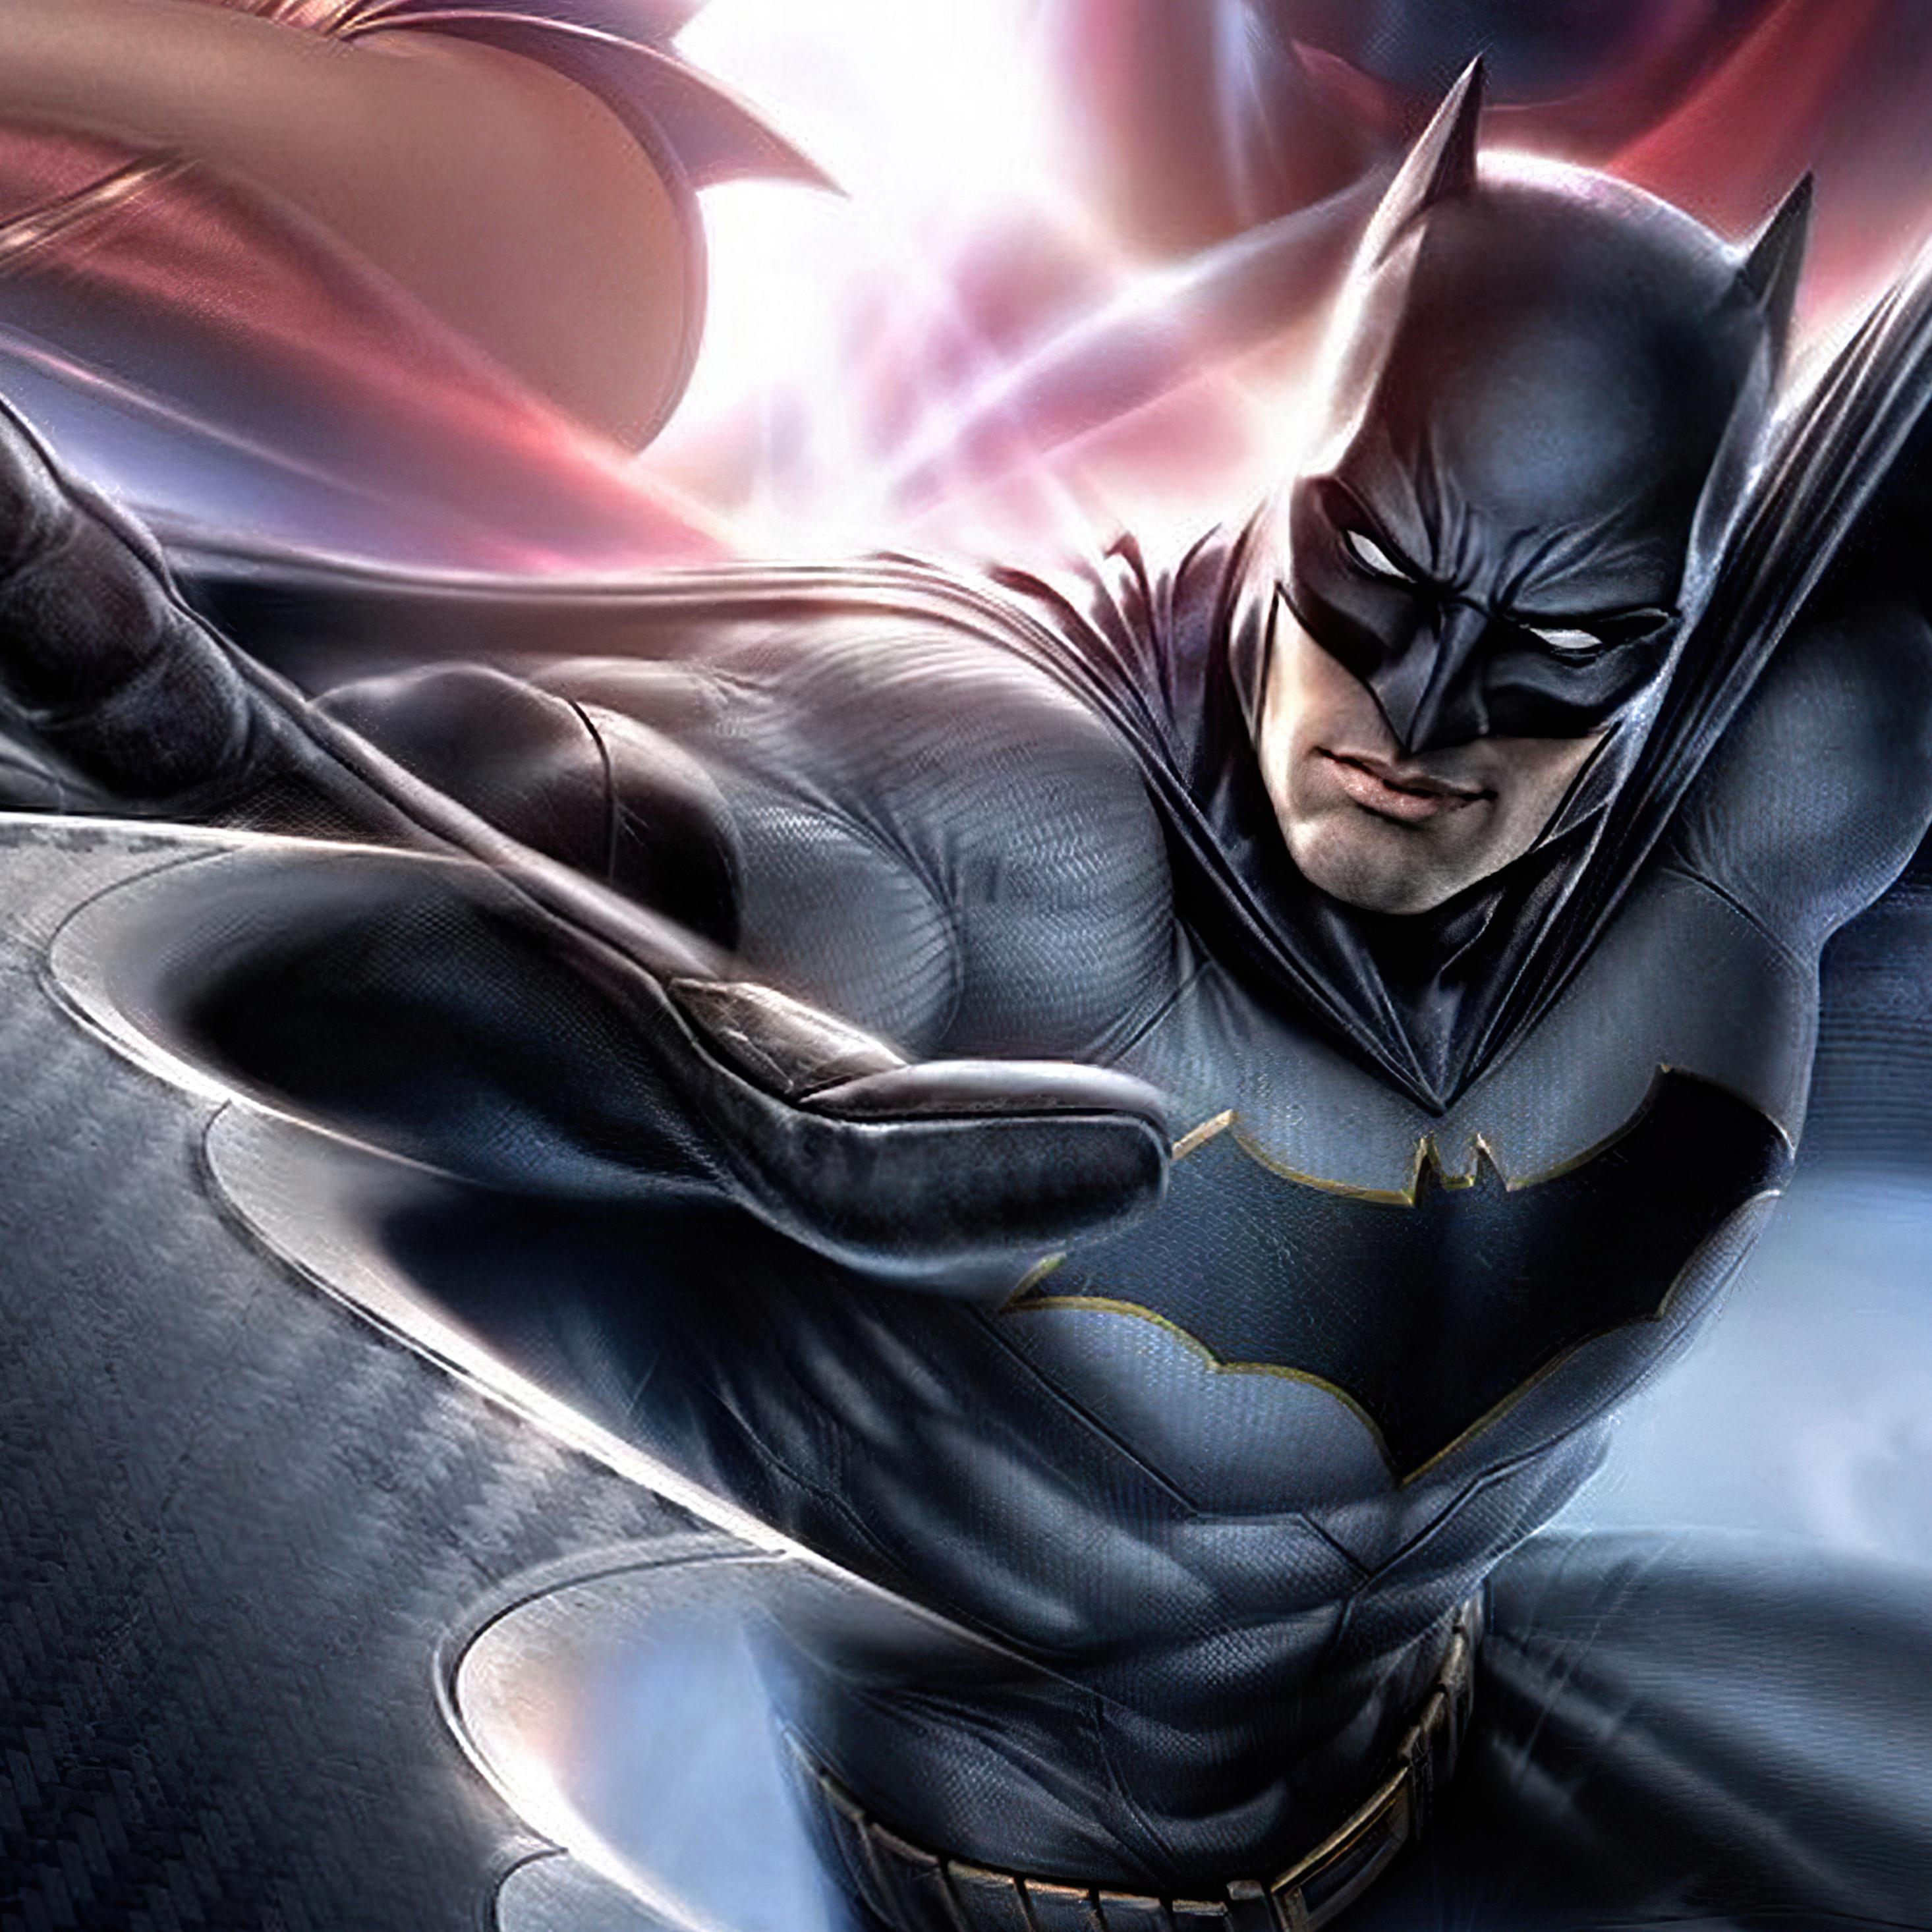 batman-through-bat-signal-sl.jpg